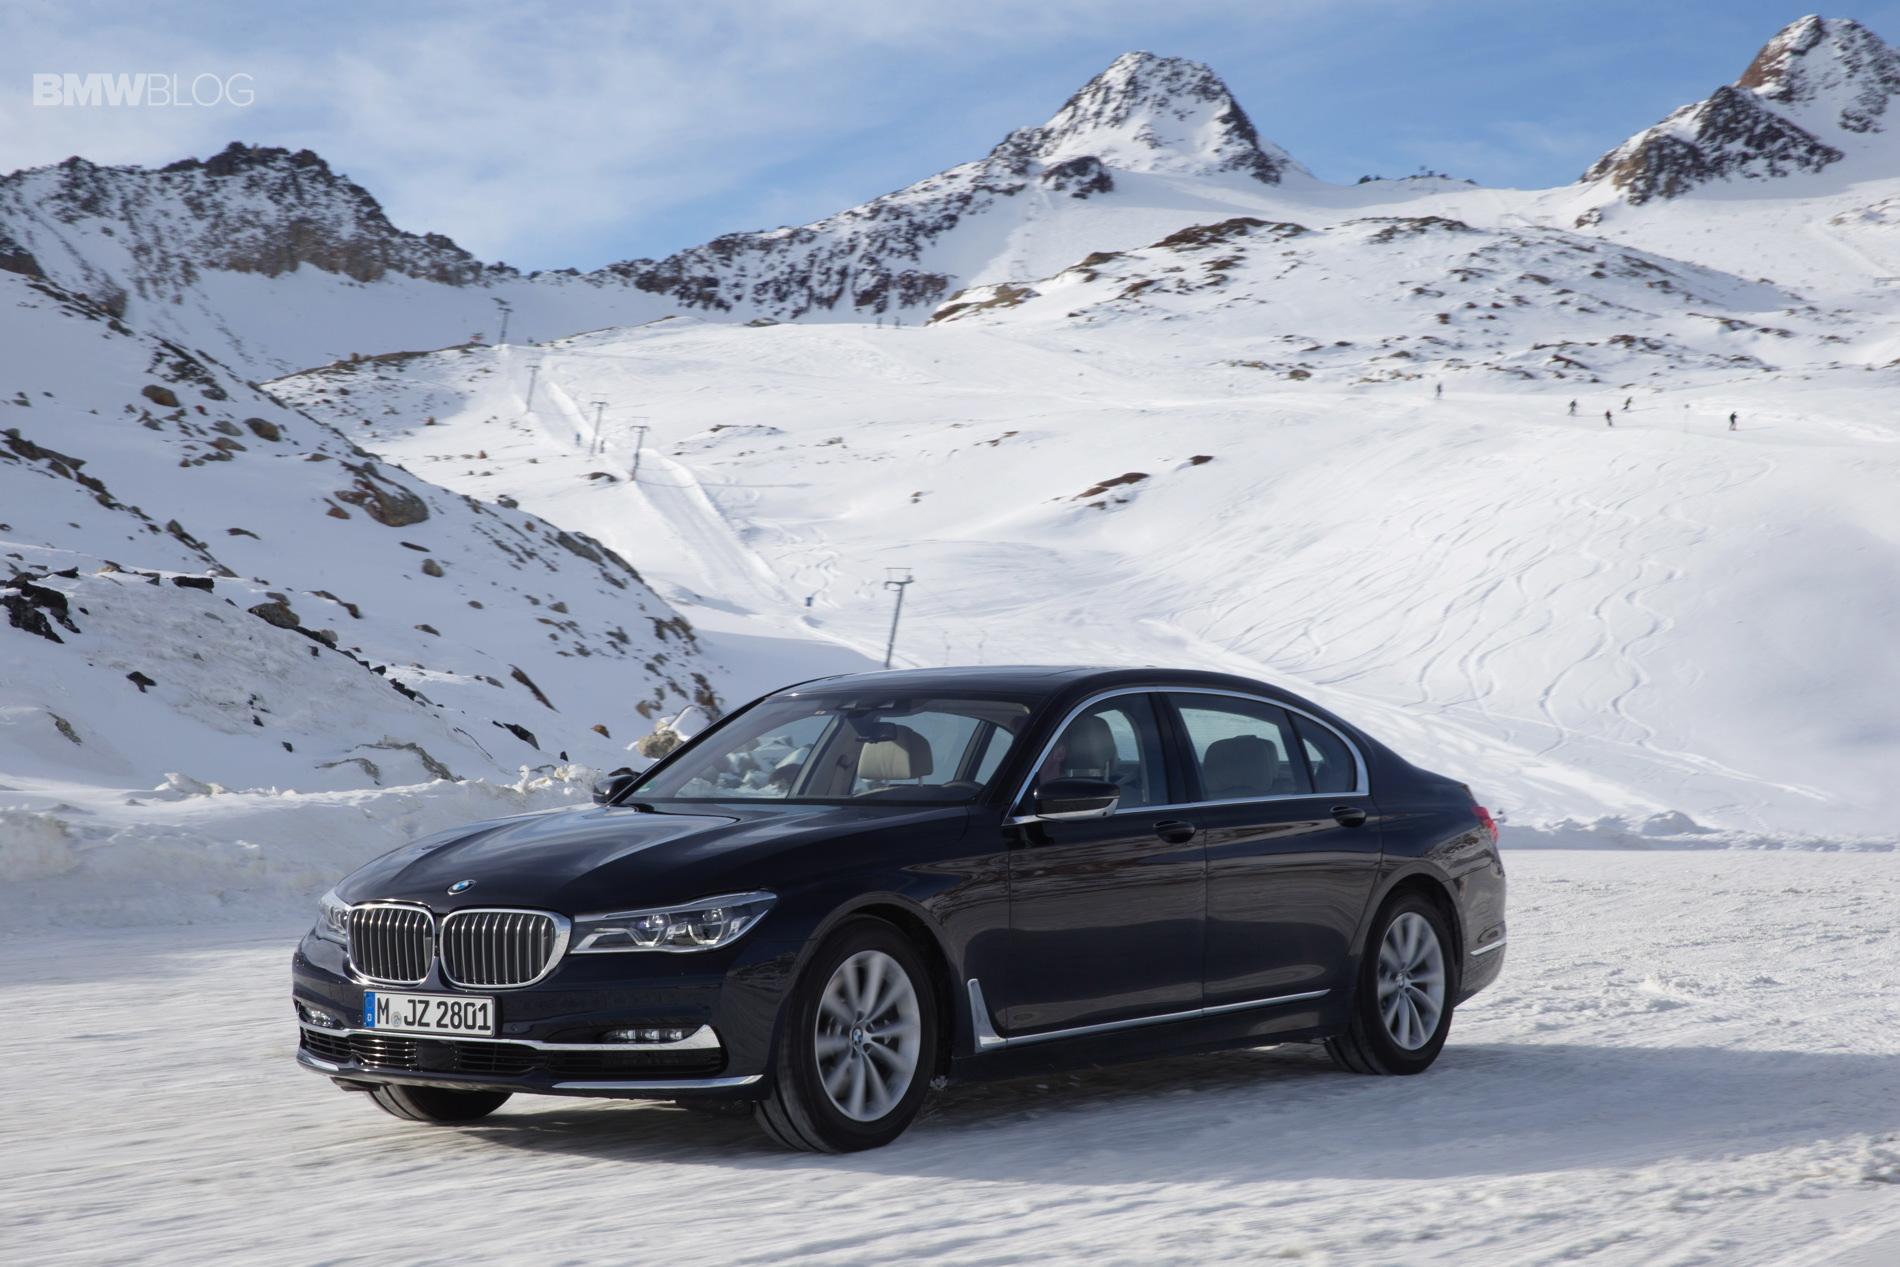 2016 BMW 750Li xDrive 6